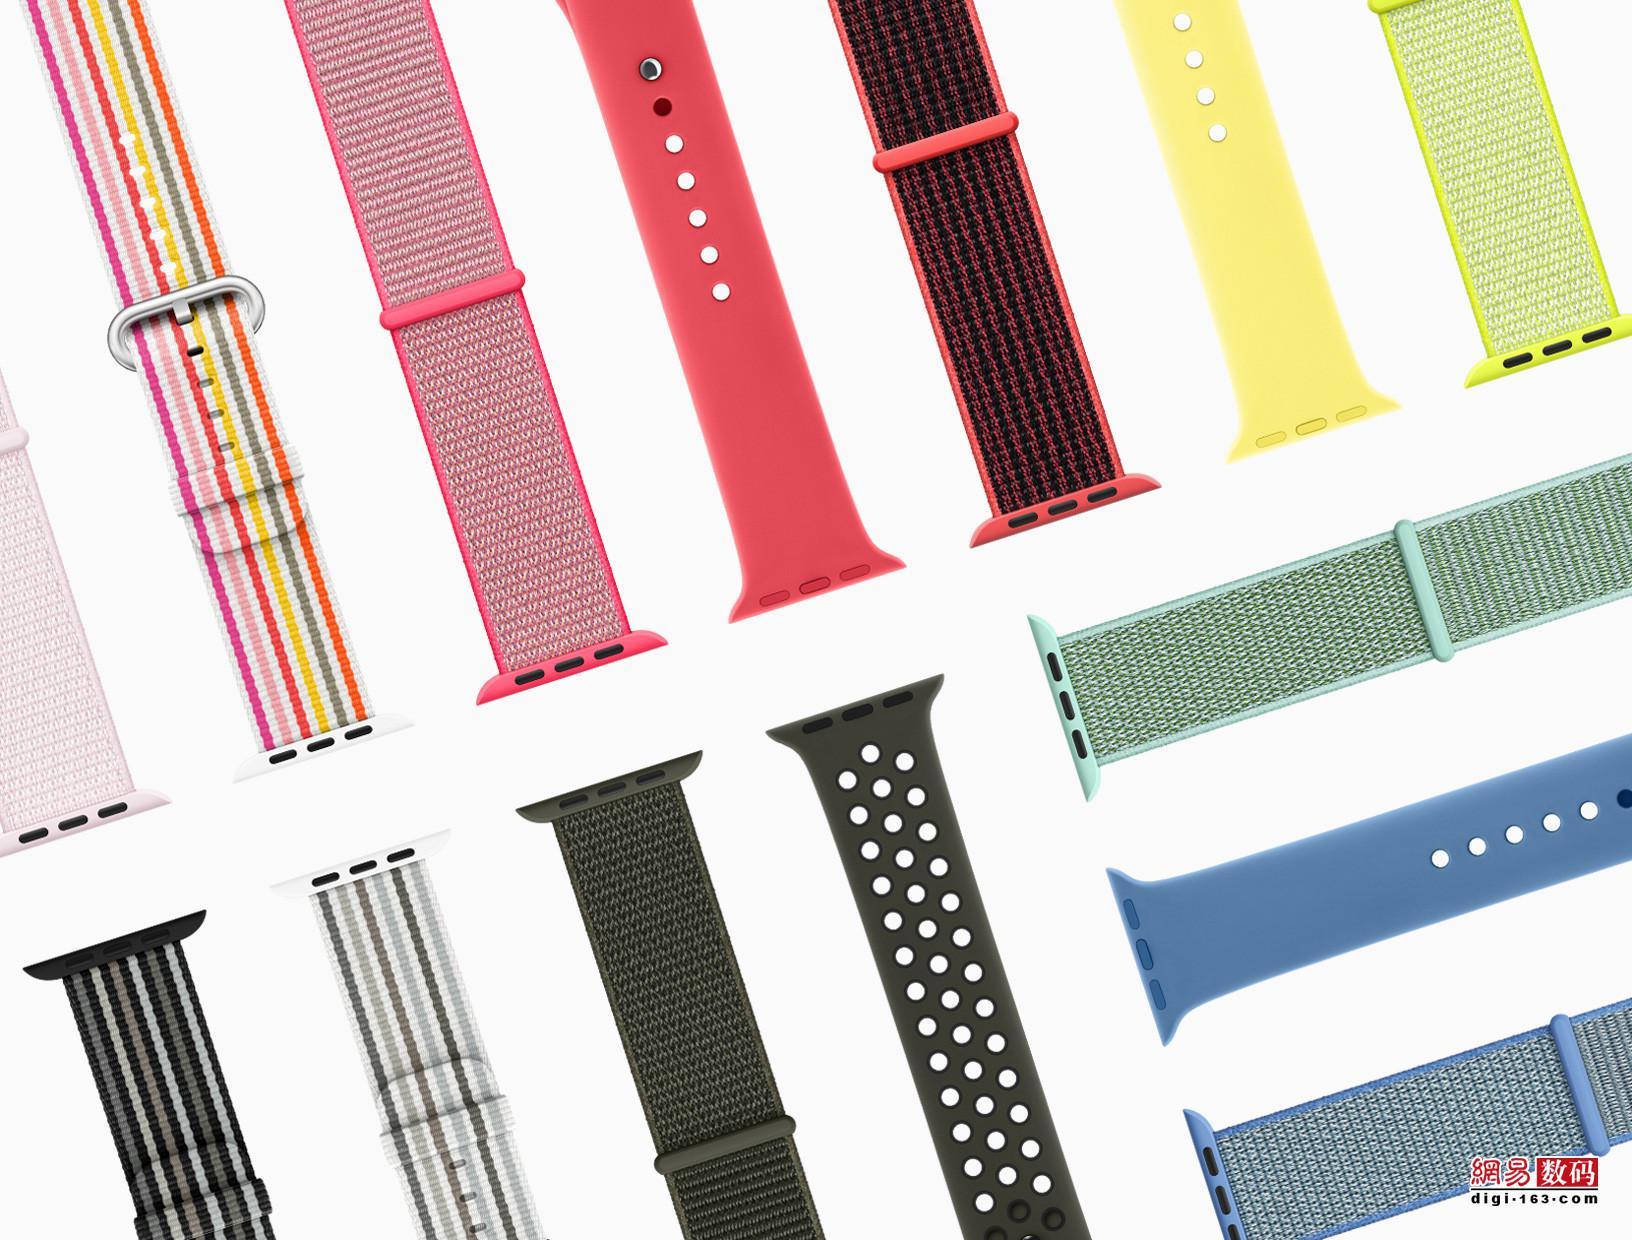 苹果推出多款春日配色Apple Watch表带